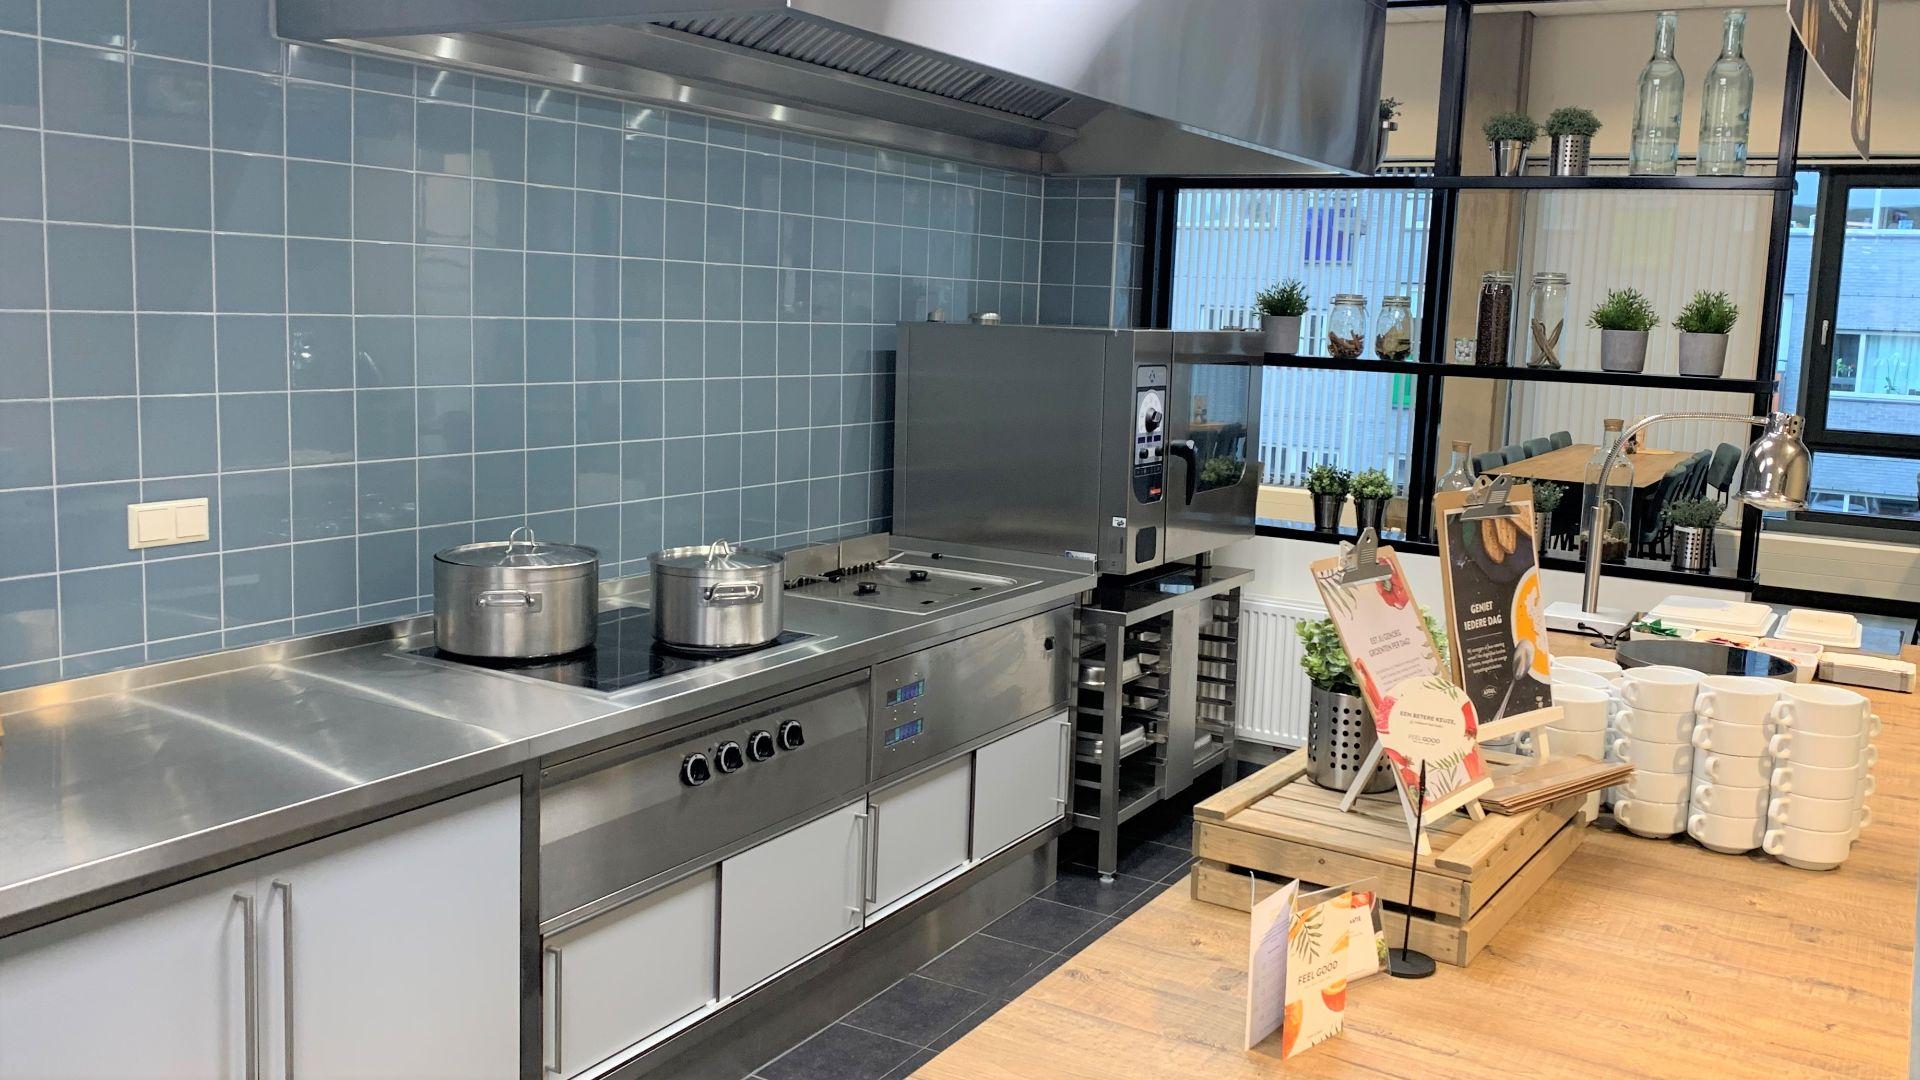 Bedrijfsrestaurant met oven VRGZ